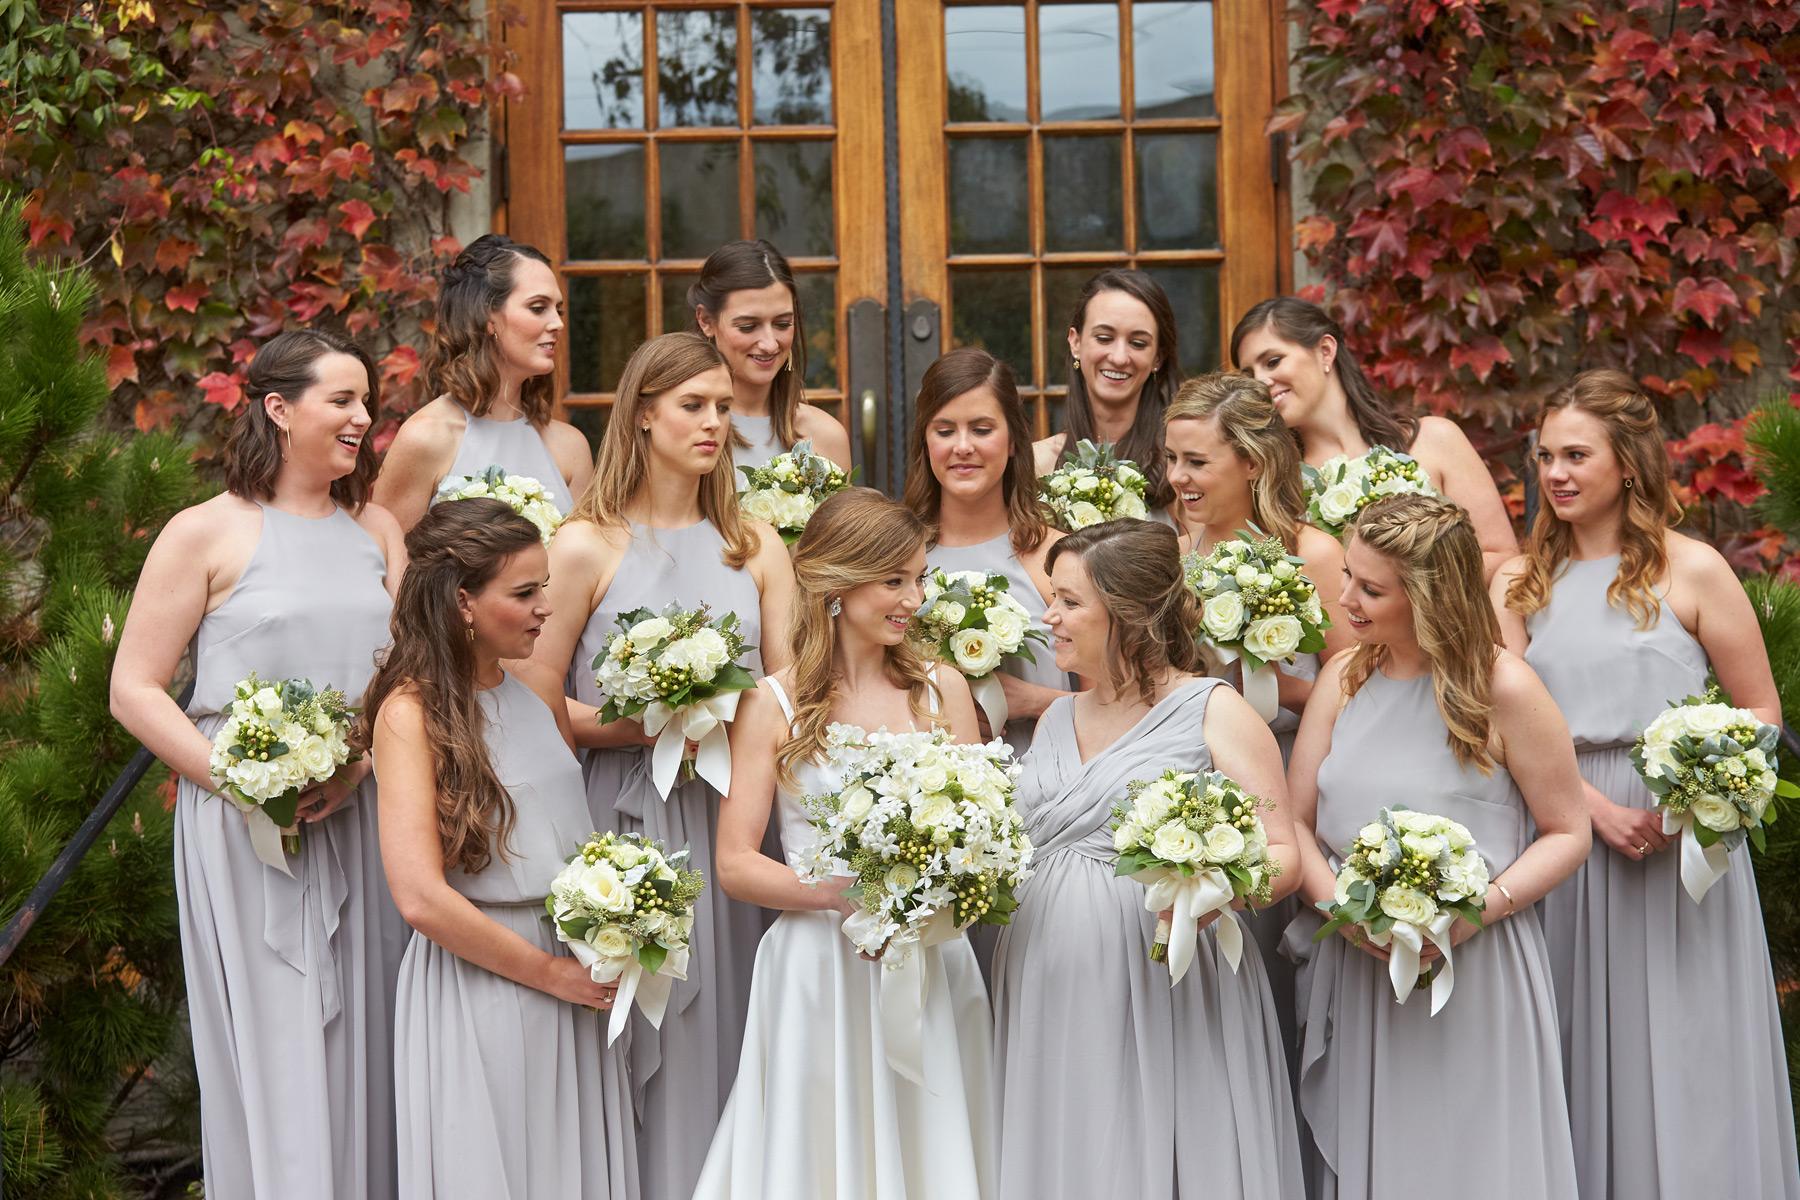 Summerour-Wedding-Atlanta-1118-0027